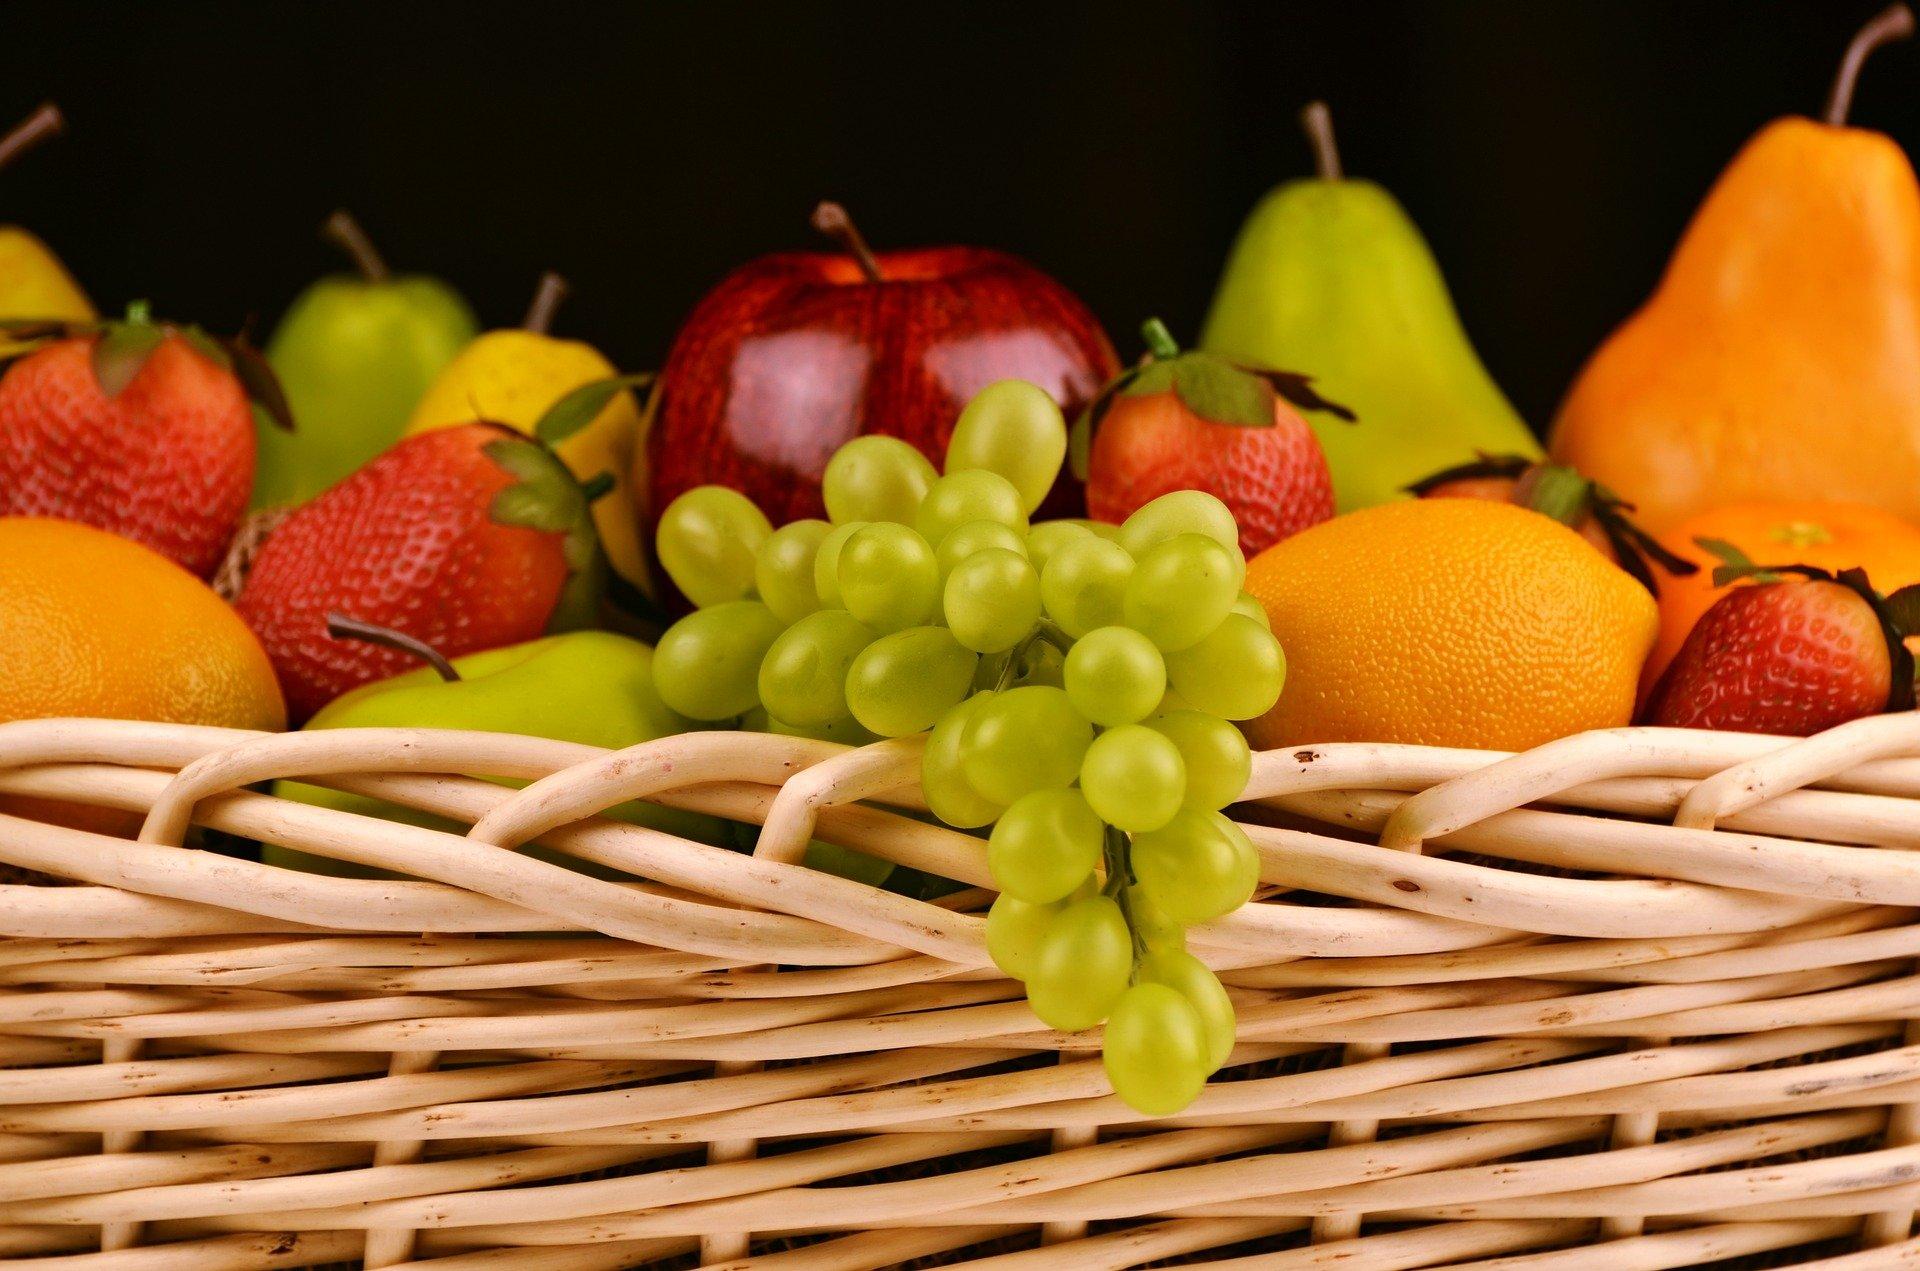 fruits-1114060_1920